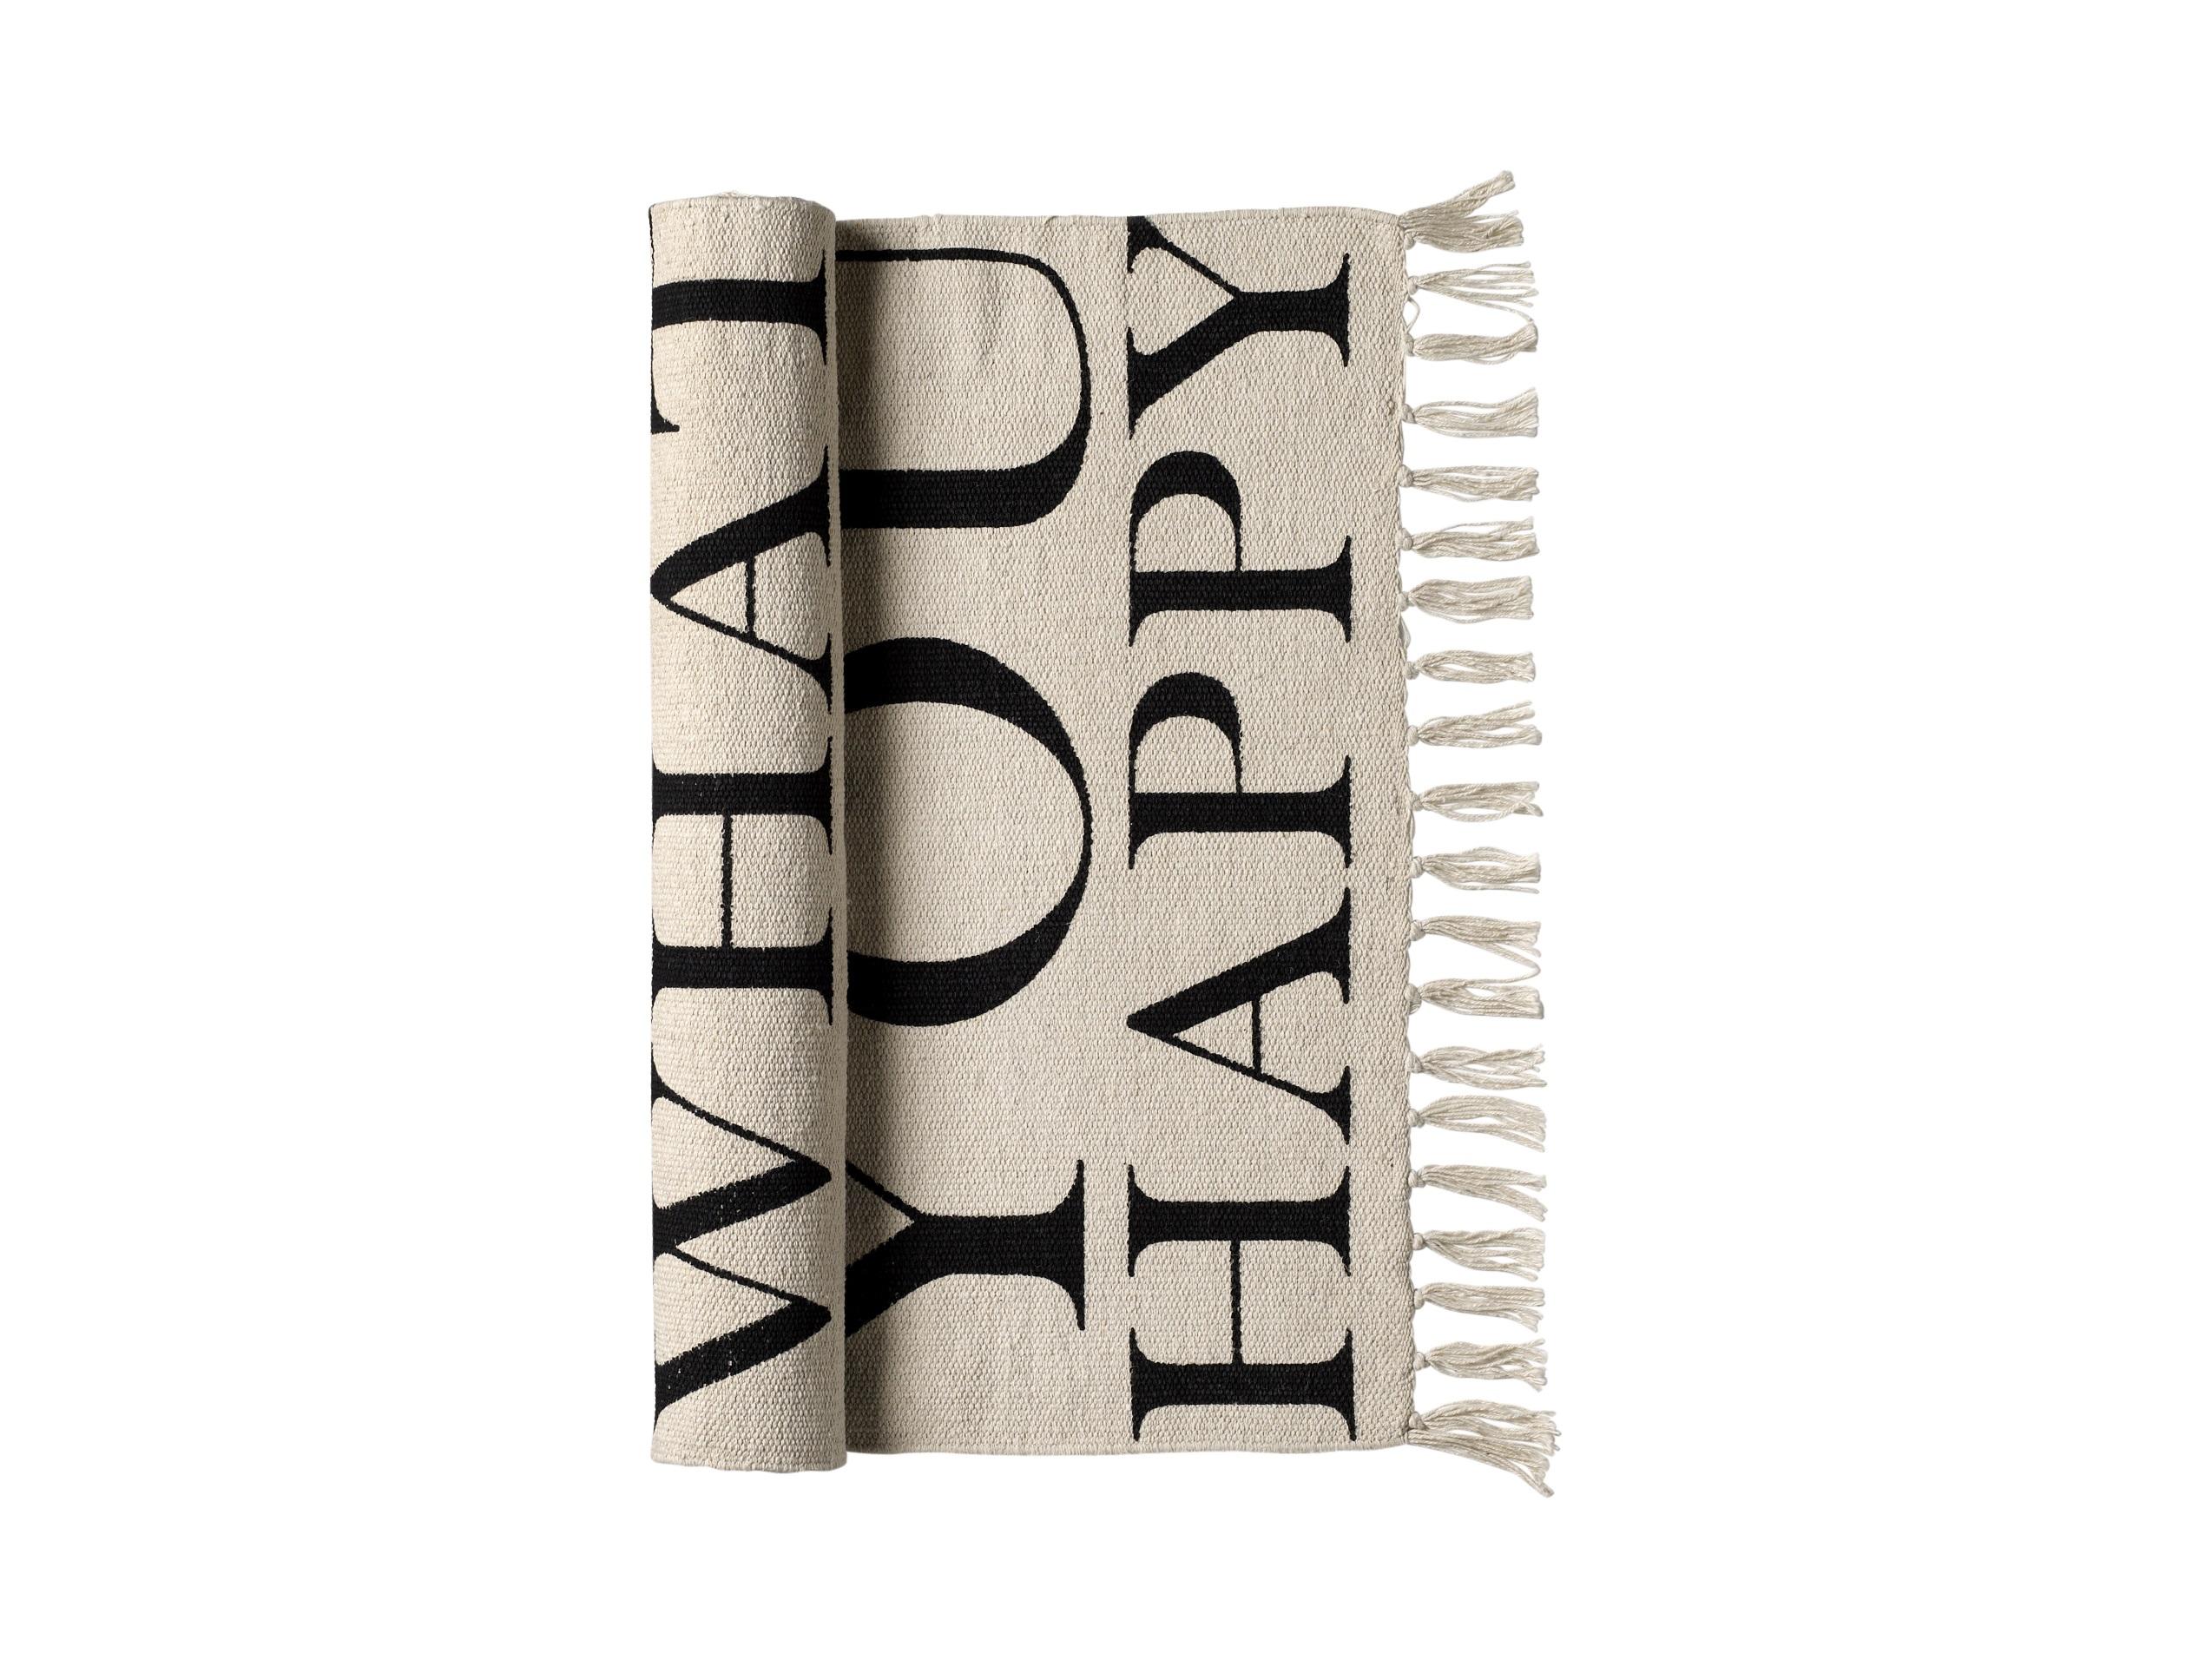 Ковер Do moreПрямоугольные ковры<br>Этот хлопковый коврик от датских дизайнеров Bloomingville с позитивной надписью &amp;quot;Do more of what makes you happy&amp;quot; напомнит о важном и обязательно привлечет внимание ваших гостей! <br>Добавьте смелую деталь в вашем доме, которая обязательно добавит позитив!<br><br>Material: Хлопок<br>Ширина см: 60.0<br>Высота см: 120.0<br>Глубина см: 120.0